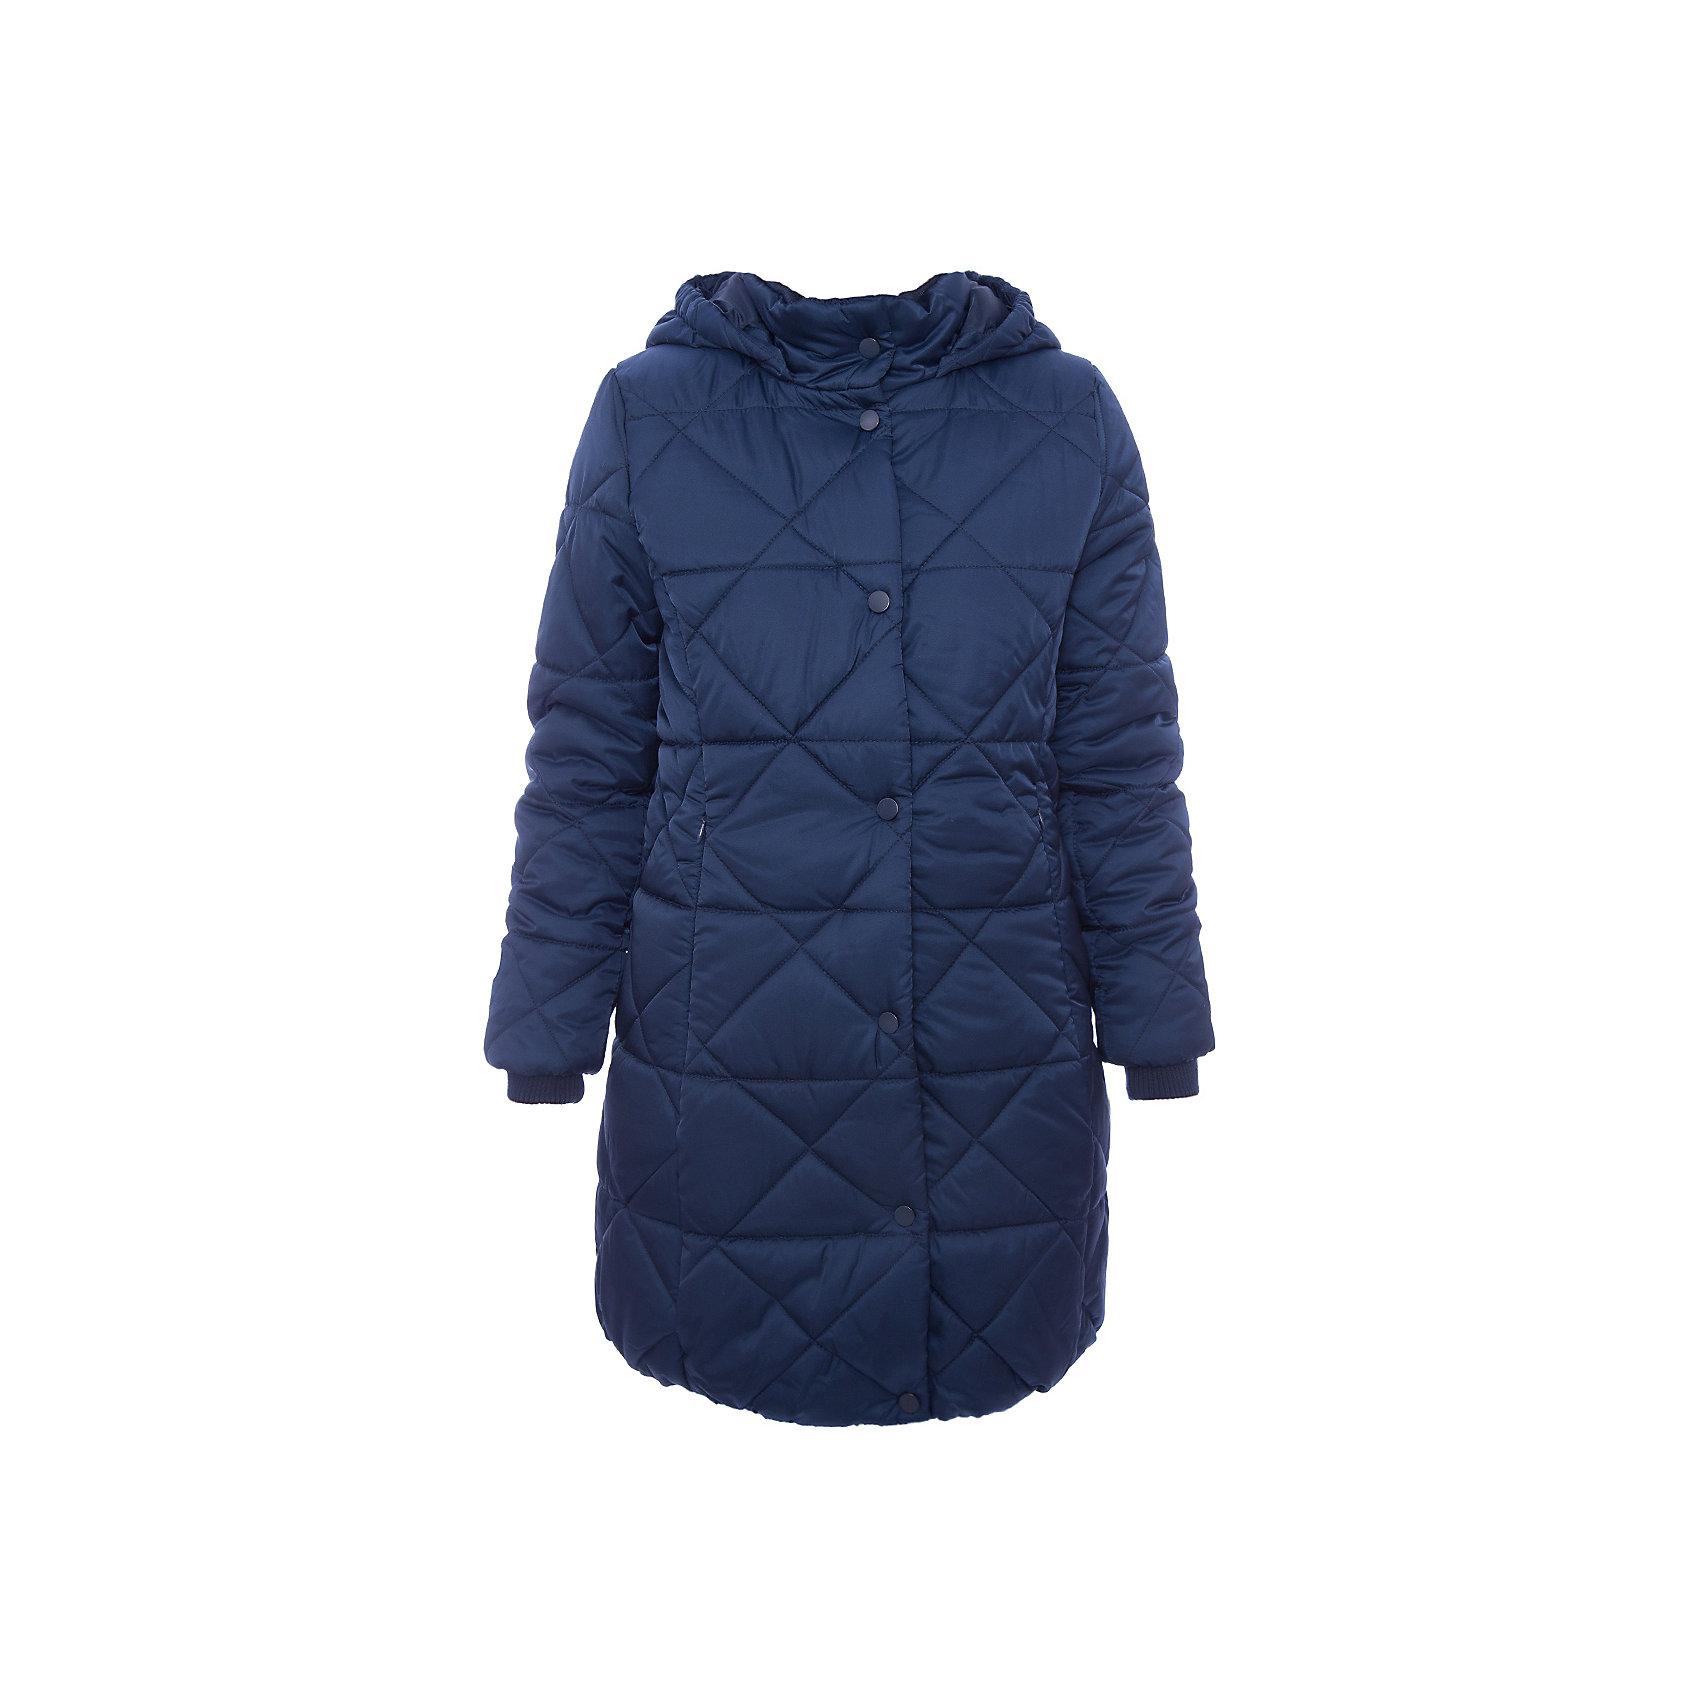 Пальто текстильное для девочки ScoolВерхняя одежда<br>Пальто текстильное для девочки Scool<br>Приталенное стеганое утепленное пальто прекрасно подойдет для холодной промозглой погоды. Специальный карман для фиксации бегунка на застёжке не позволит молнии травмировать нежную детскую кожу. Модель с вшивным капюшоном. Воротник и рукава дополнены трикотажными резинками для дополнительного сохранения тепла.Преимущества: Пальто с удобными вшивными карманами на молнииКапюшон пальто дополнен резинками. Даже при сильном ветре капюшон не спадет с головы ребенка<br>Состав:<br>Верх: 100% полиэстер, Подкладка: 100% полиэстер, Наполнитель: 100% полиэстер, 250 г/м2<br><br>Ширина мм: 356<br>Глубина мм: 10<br>Высота мм: 245<br>Вес г: 519<br>Цвет: синий<br>Возраст от месяцев: 84<br>Возраст до месяцев: 96<br>Пол: Женский<br>Возраст: Детский<br>Размер: 128,140,146,152,158,164,134,122<br>SKU: 6754635